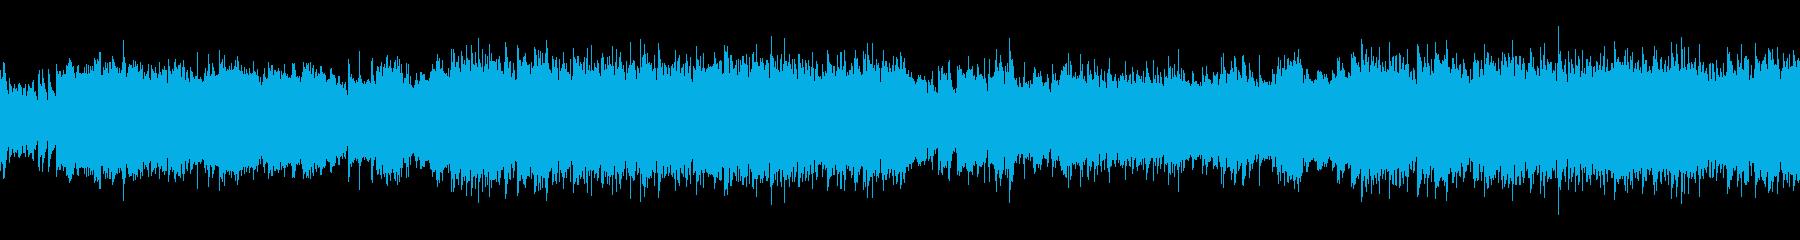 ループ・哀愁ただようフラメンコの再生済みの波形